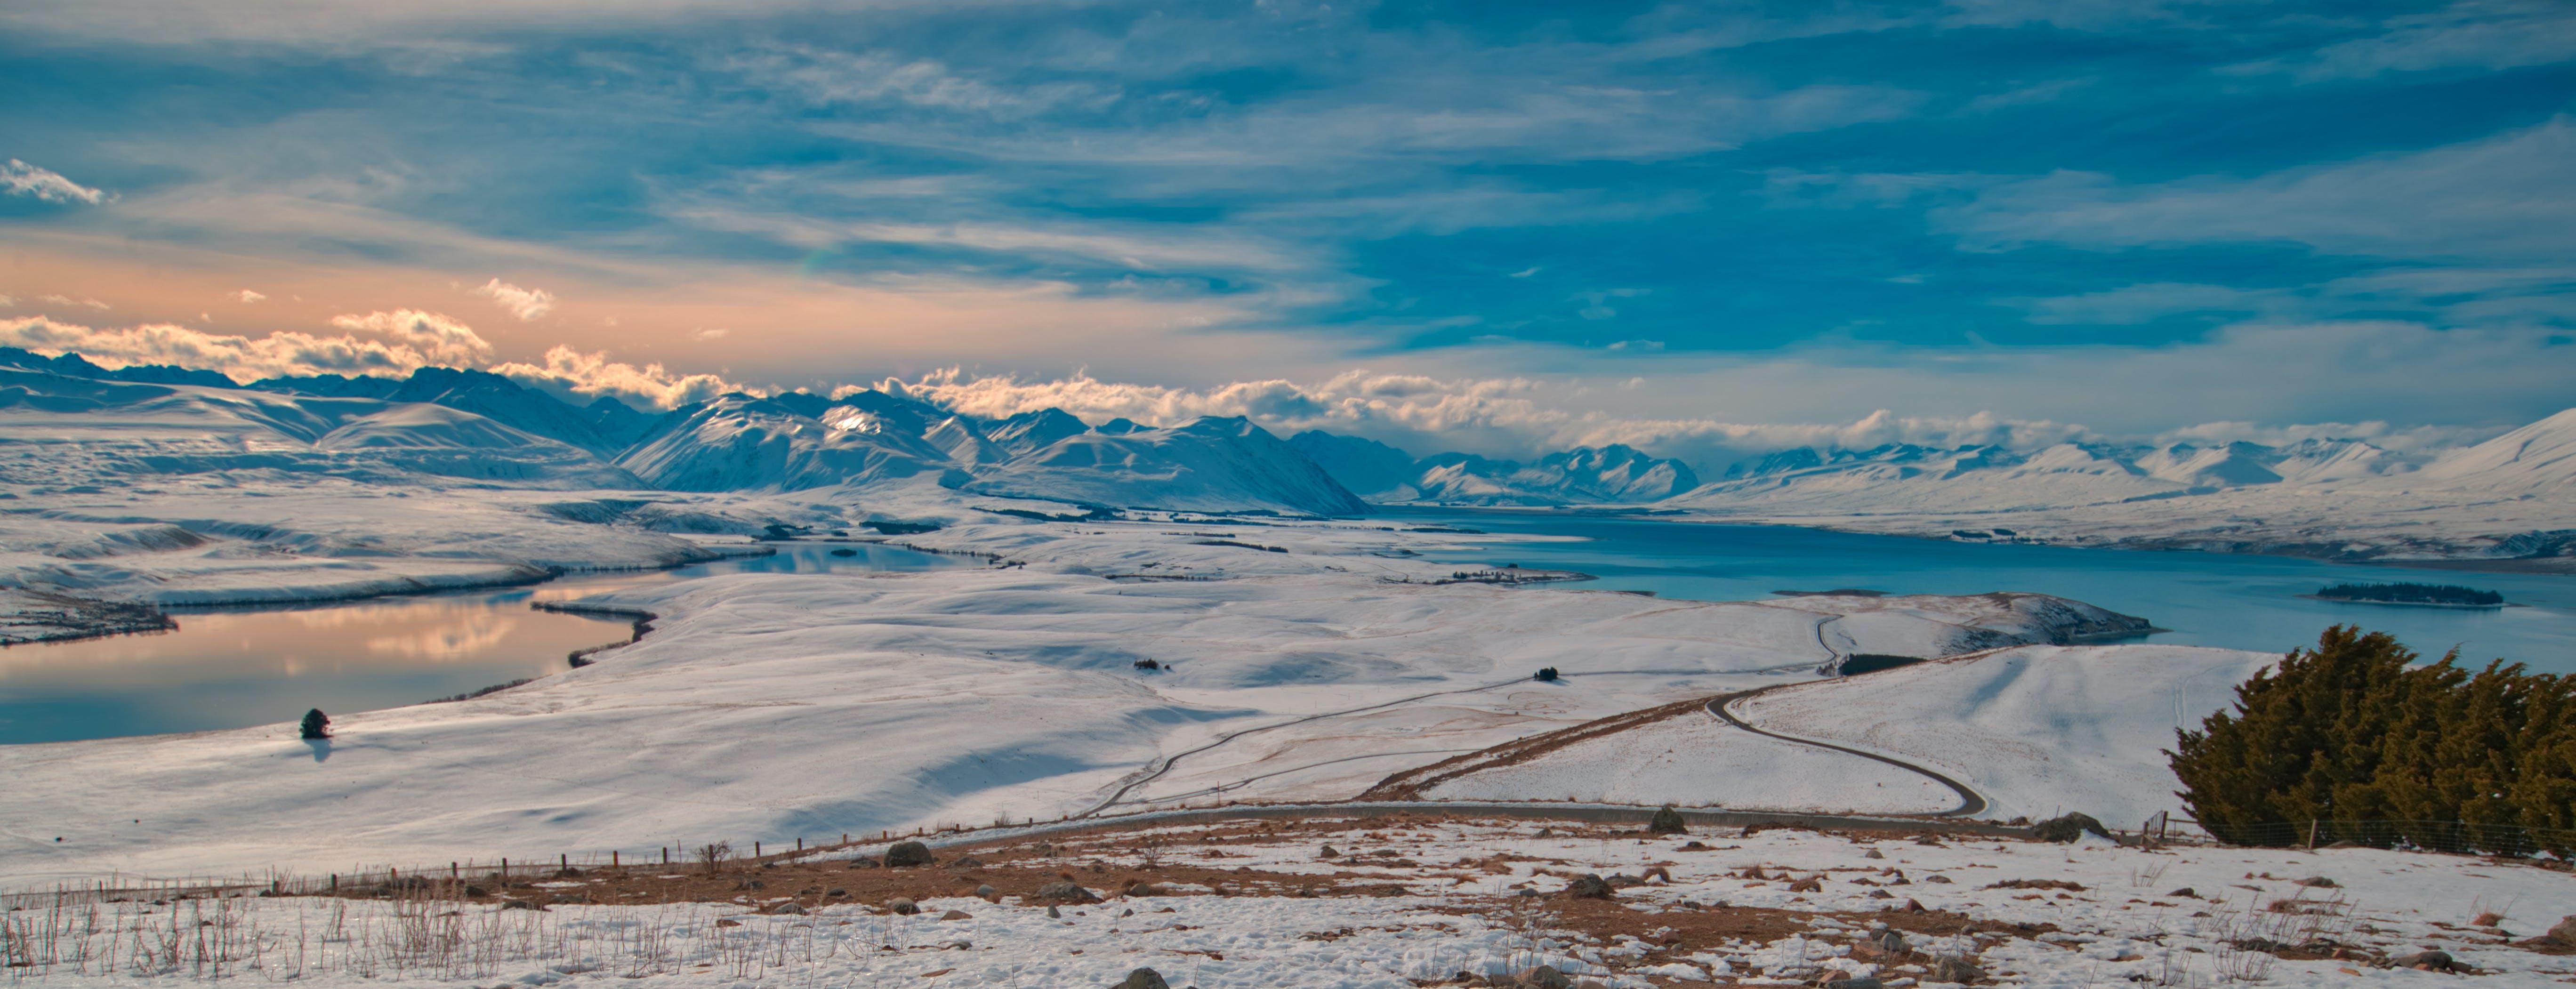 Snow Hill Landscape